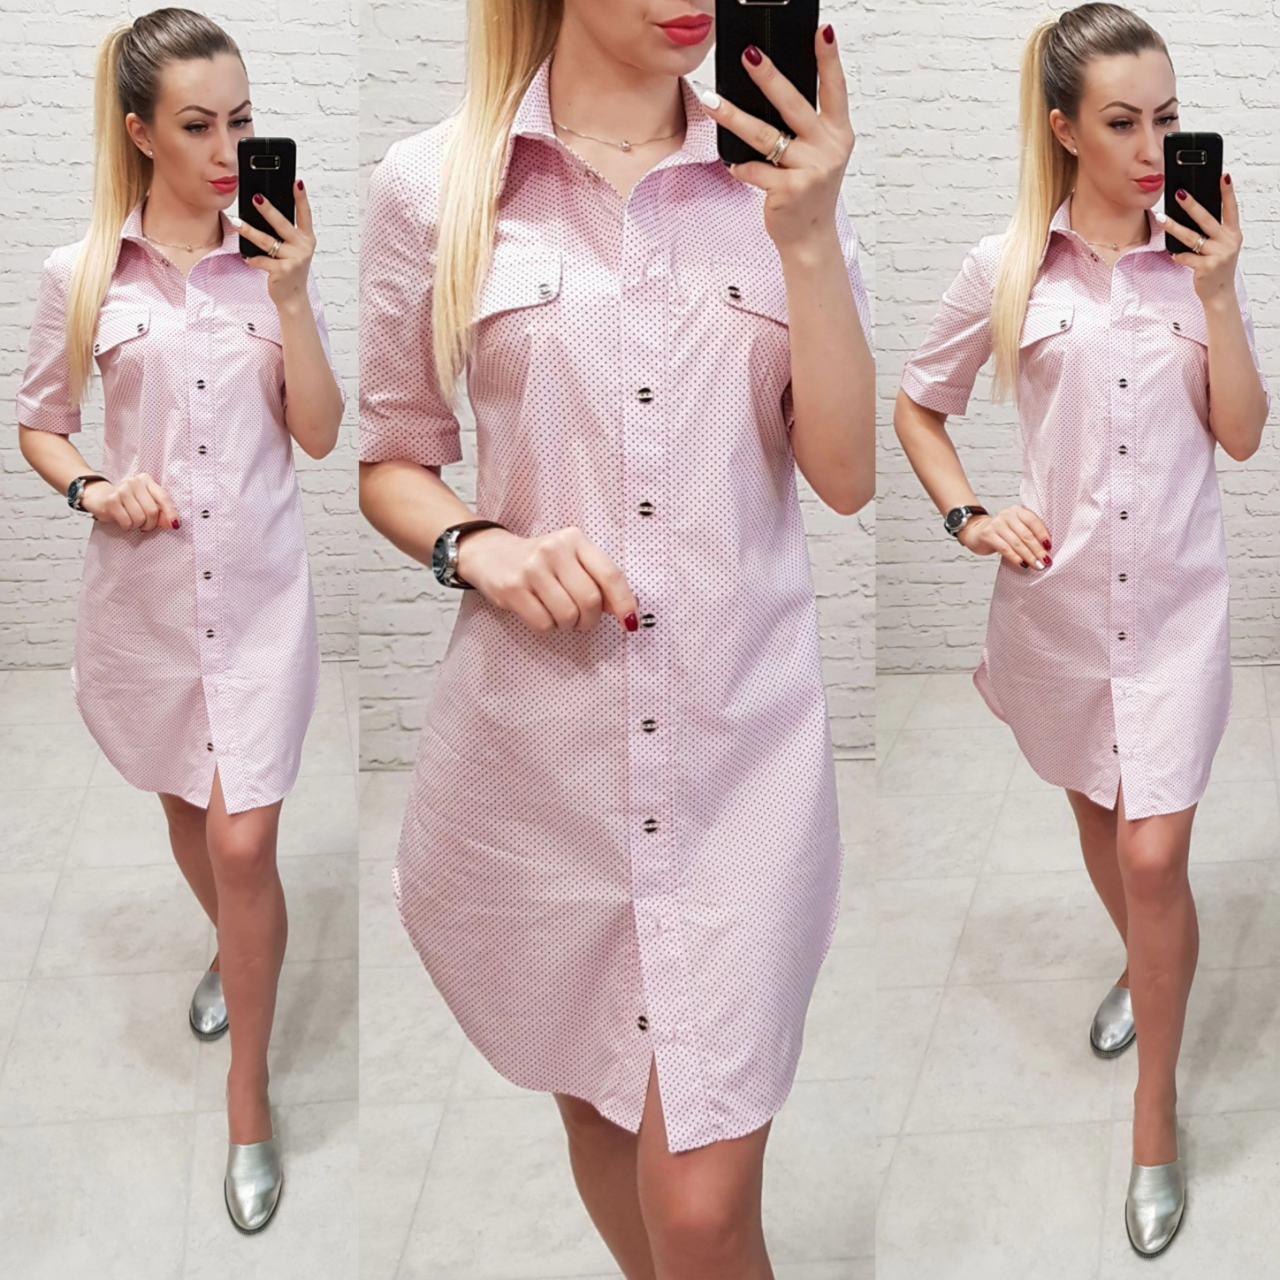 Новинка!!! Стильне плаття - сорочка, арт 827, колір рожевий точка